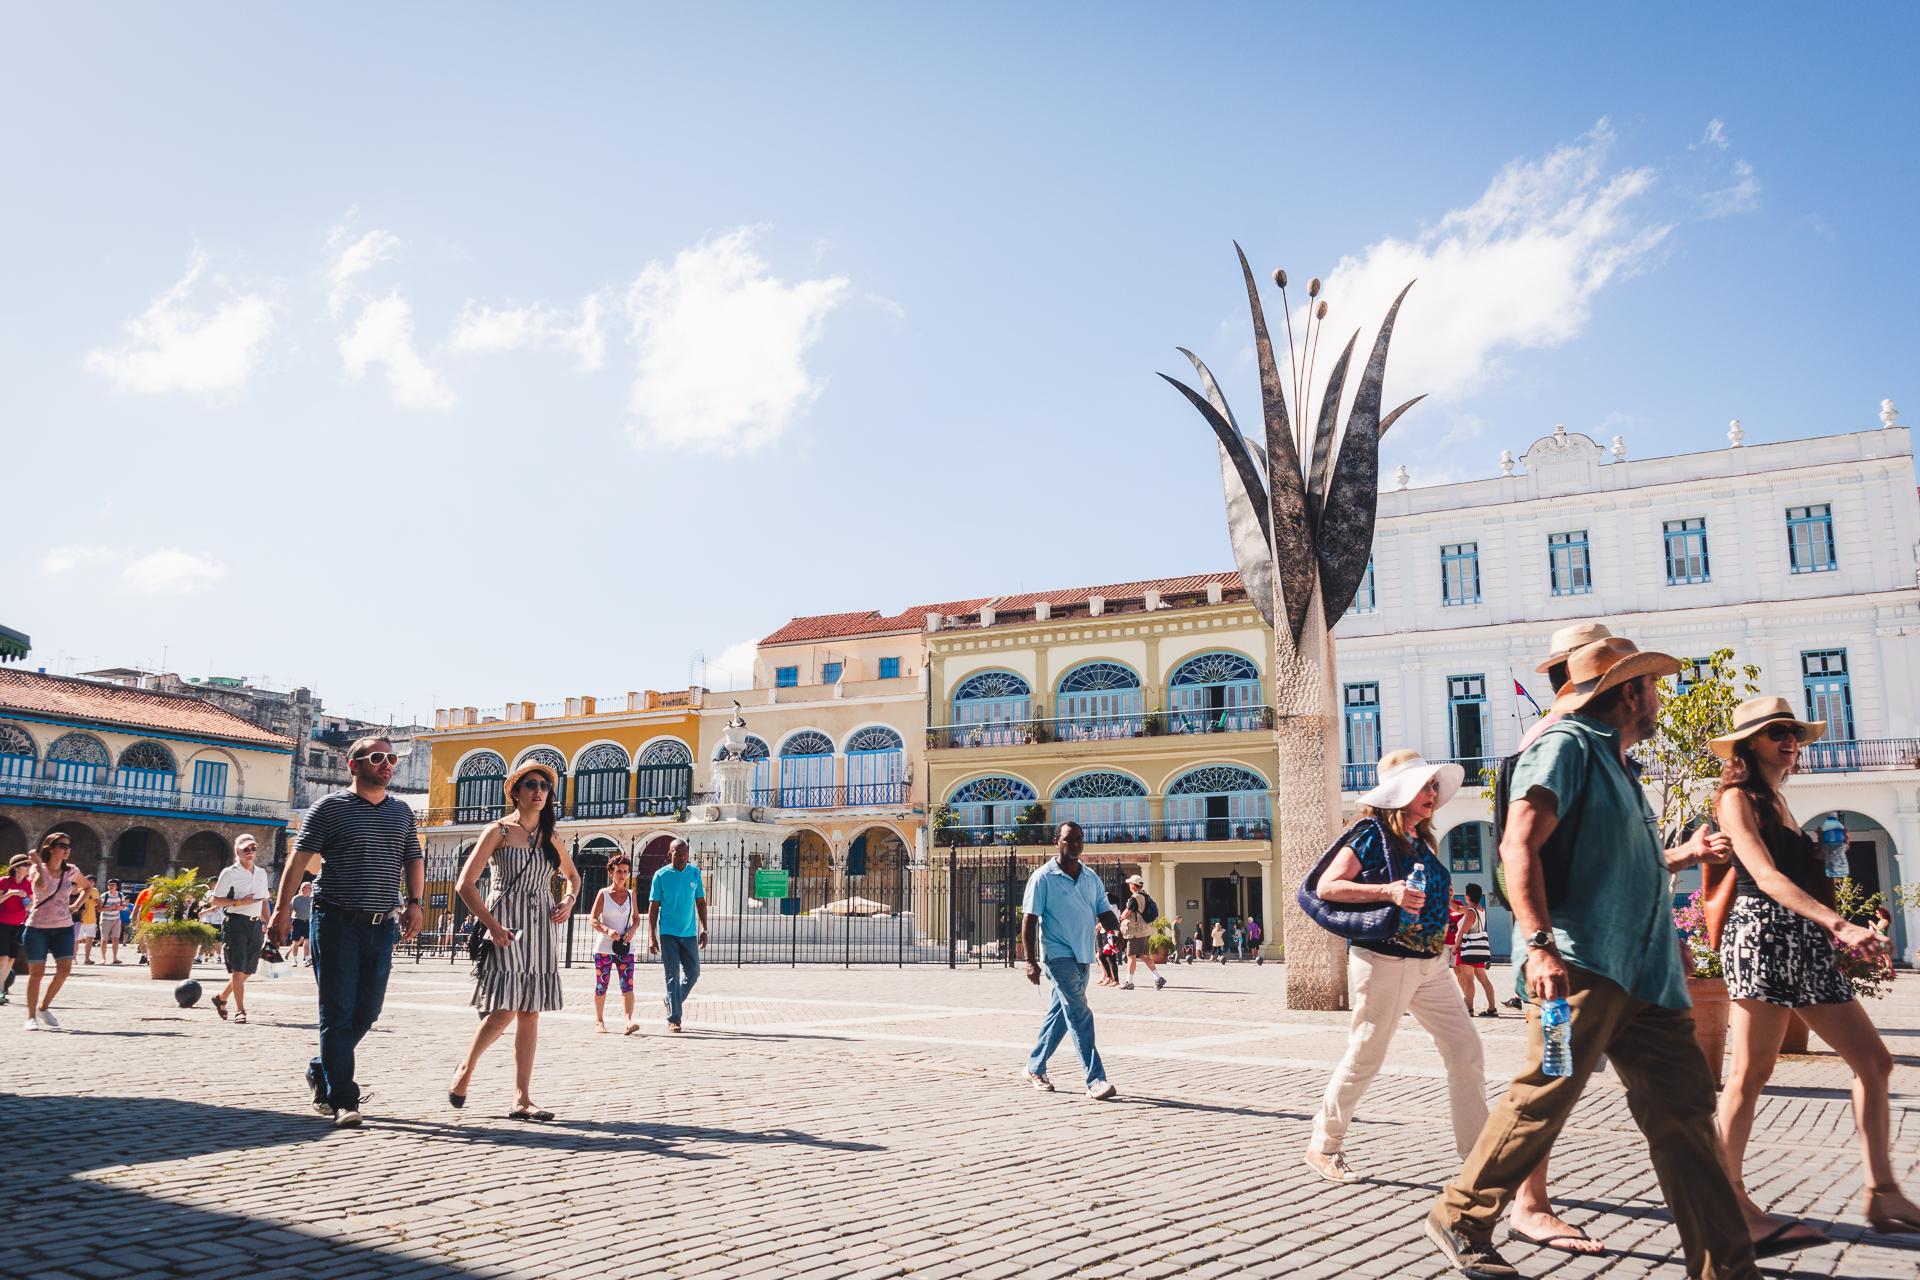 Plaza Vieja in La Havana